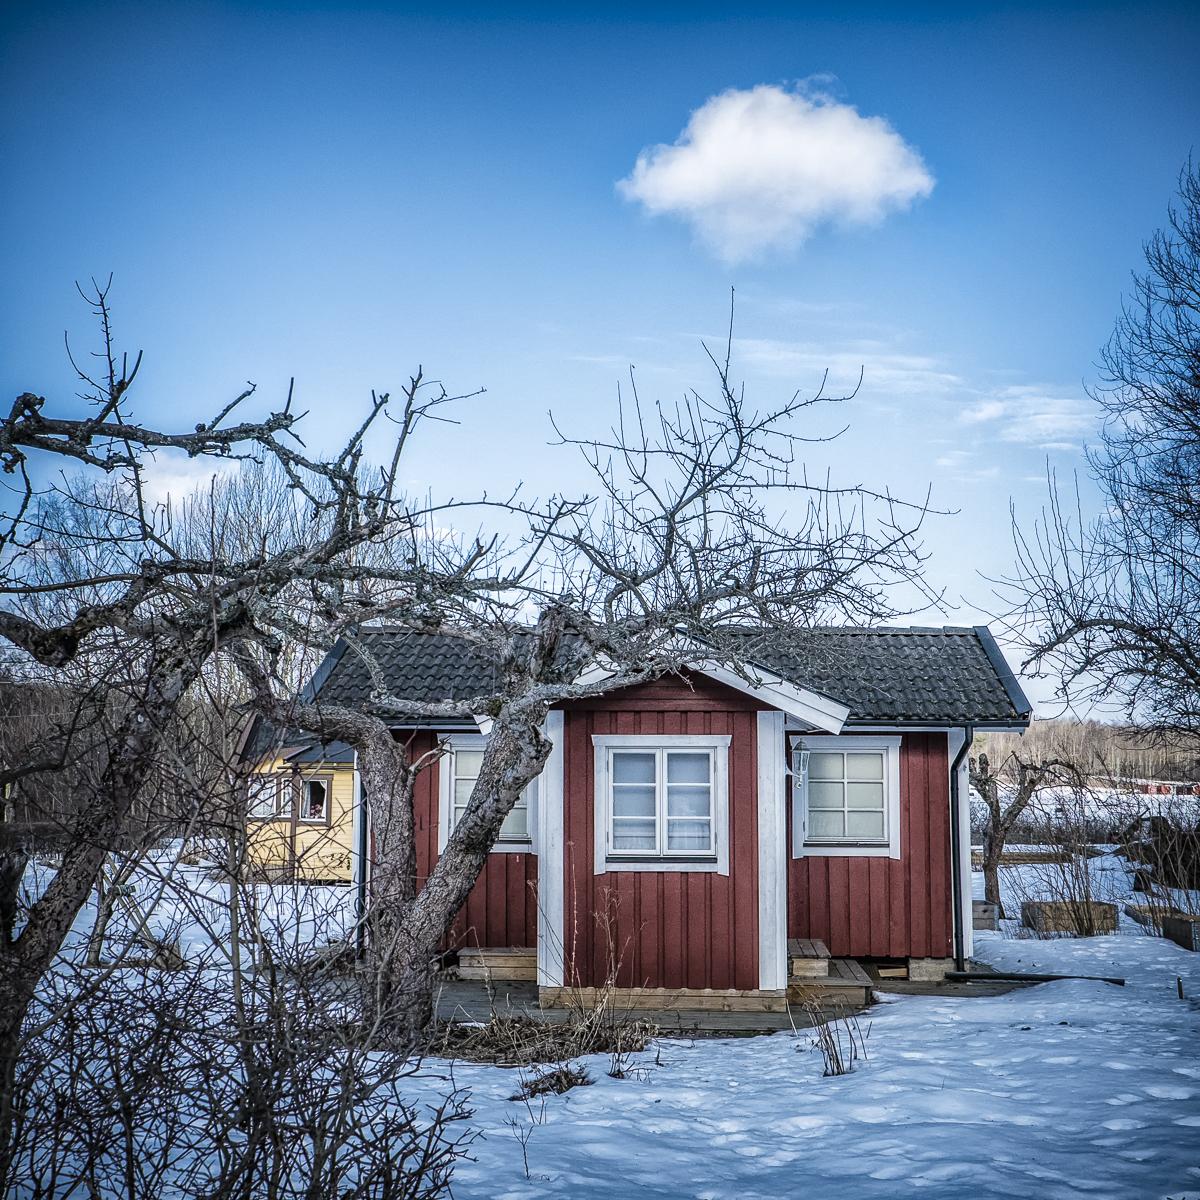 Tha cottage under a cloud